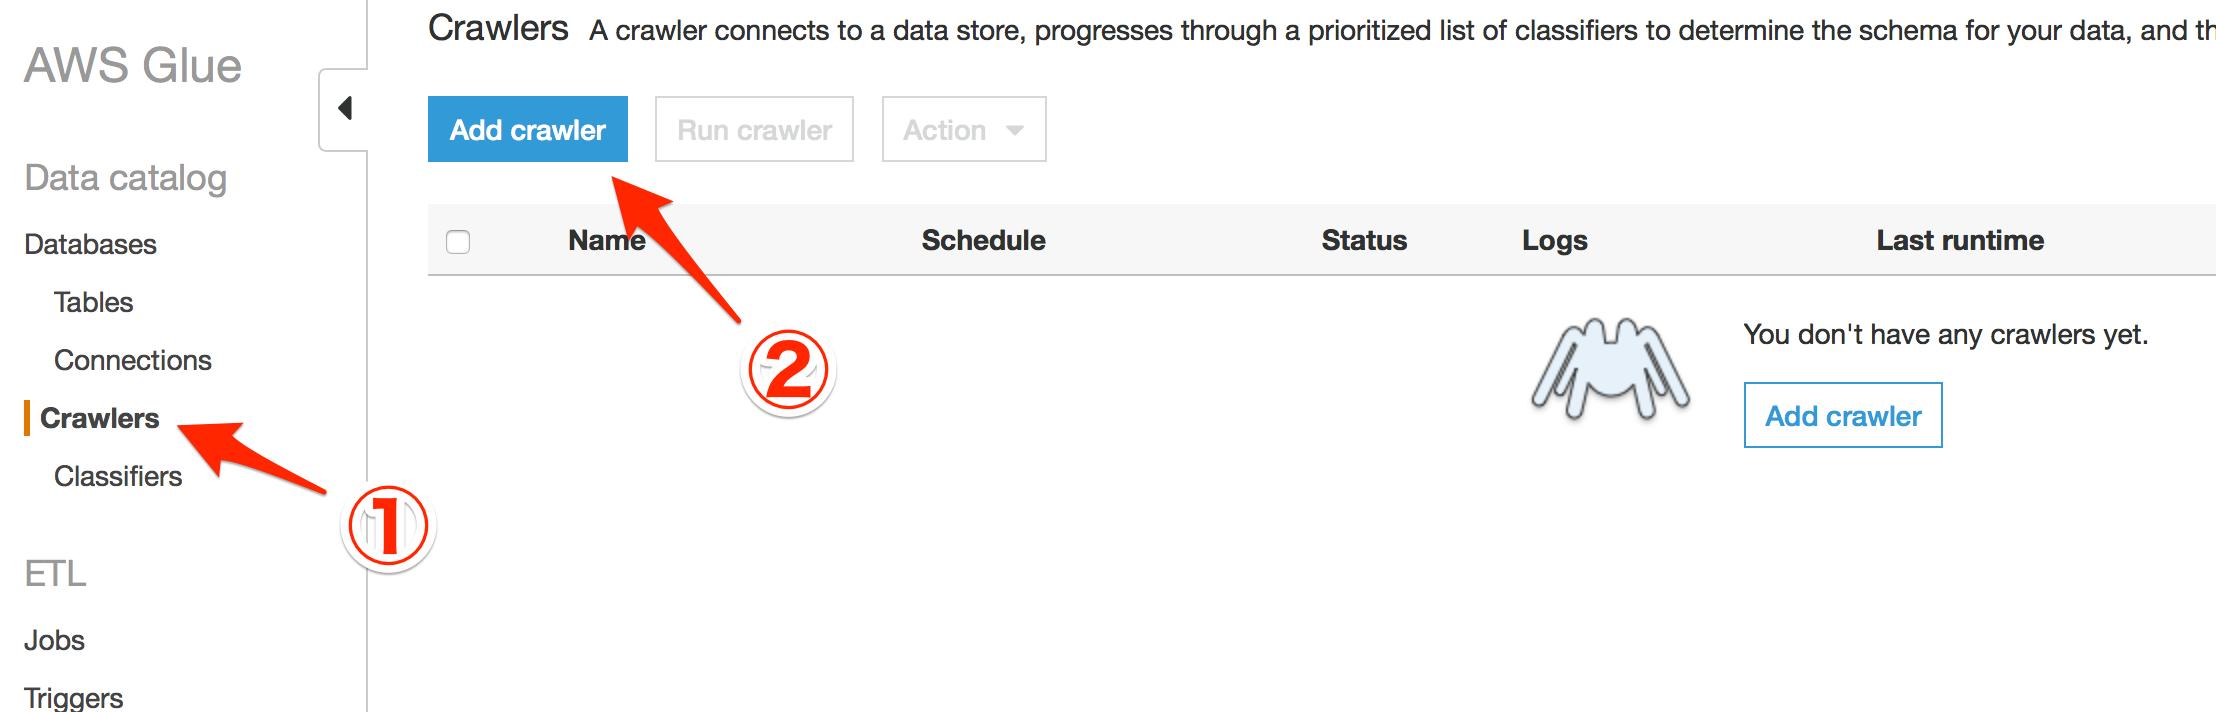 S3のデータをAmazon Athenaで取得する時にAWS Glueを使うとすごい楽